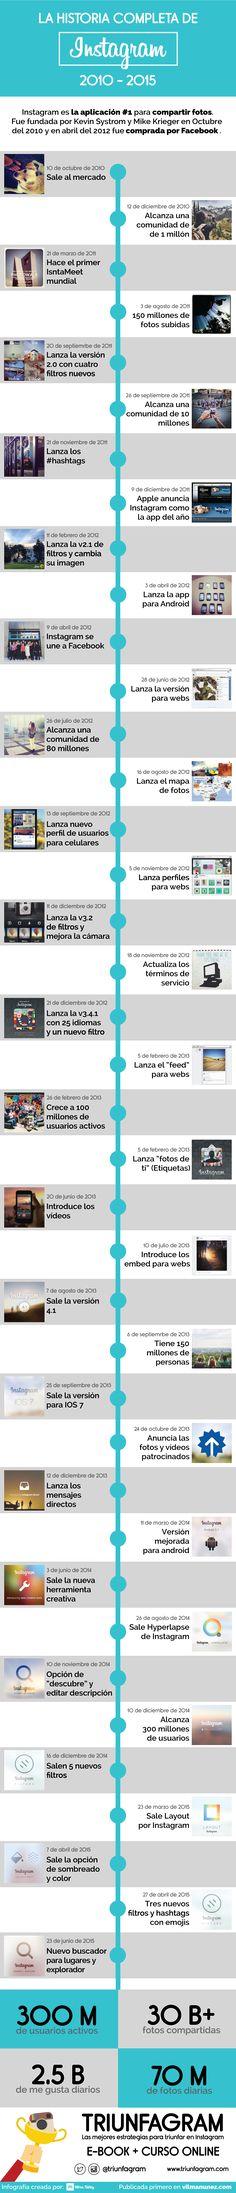 La historia completa de Instagram 2010 - 2015. Infografía en español. #CommunityManager